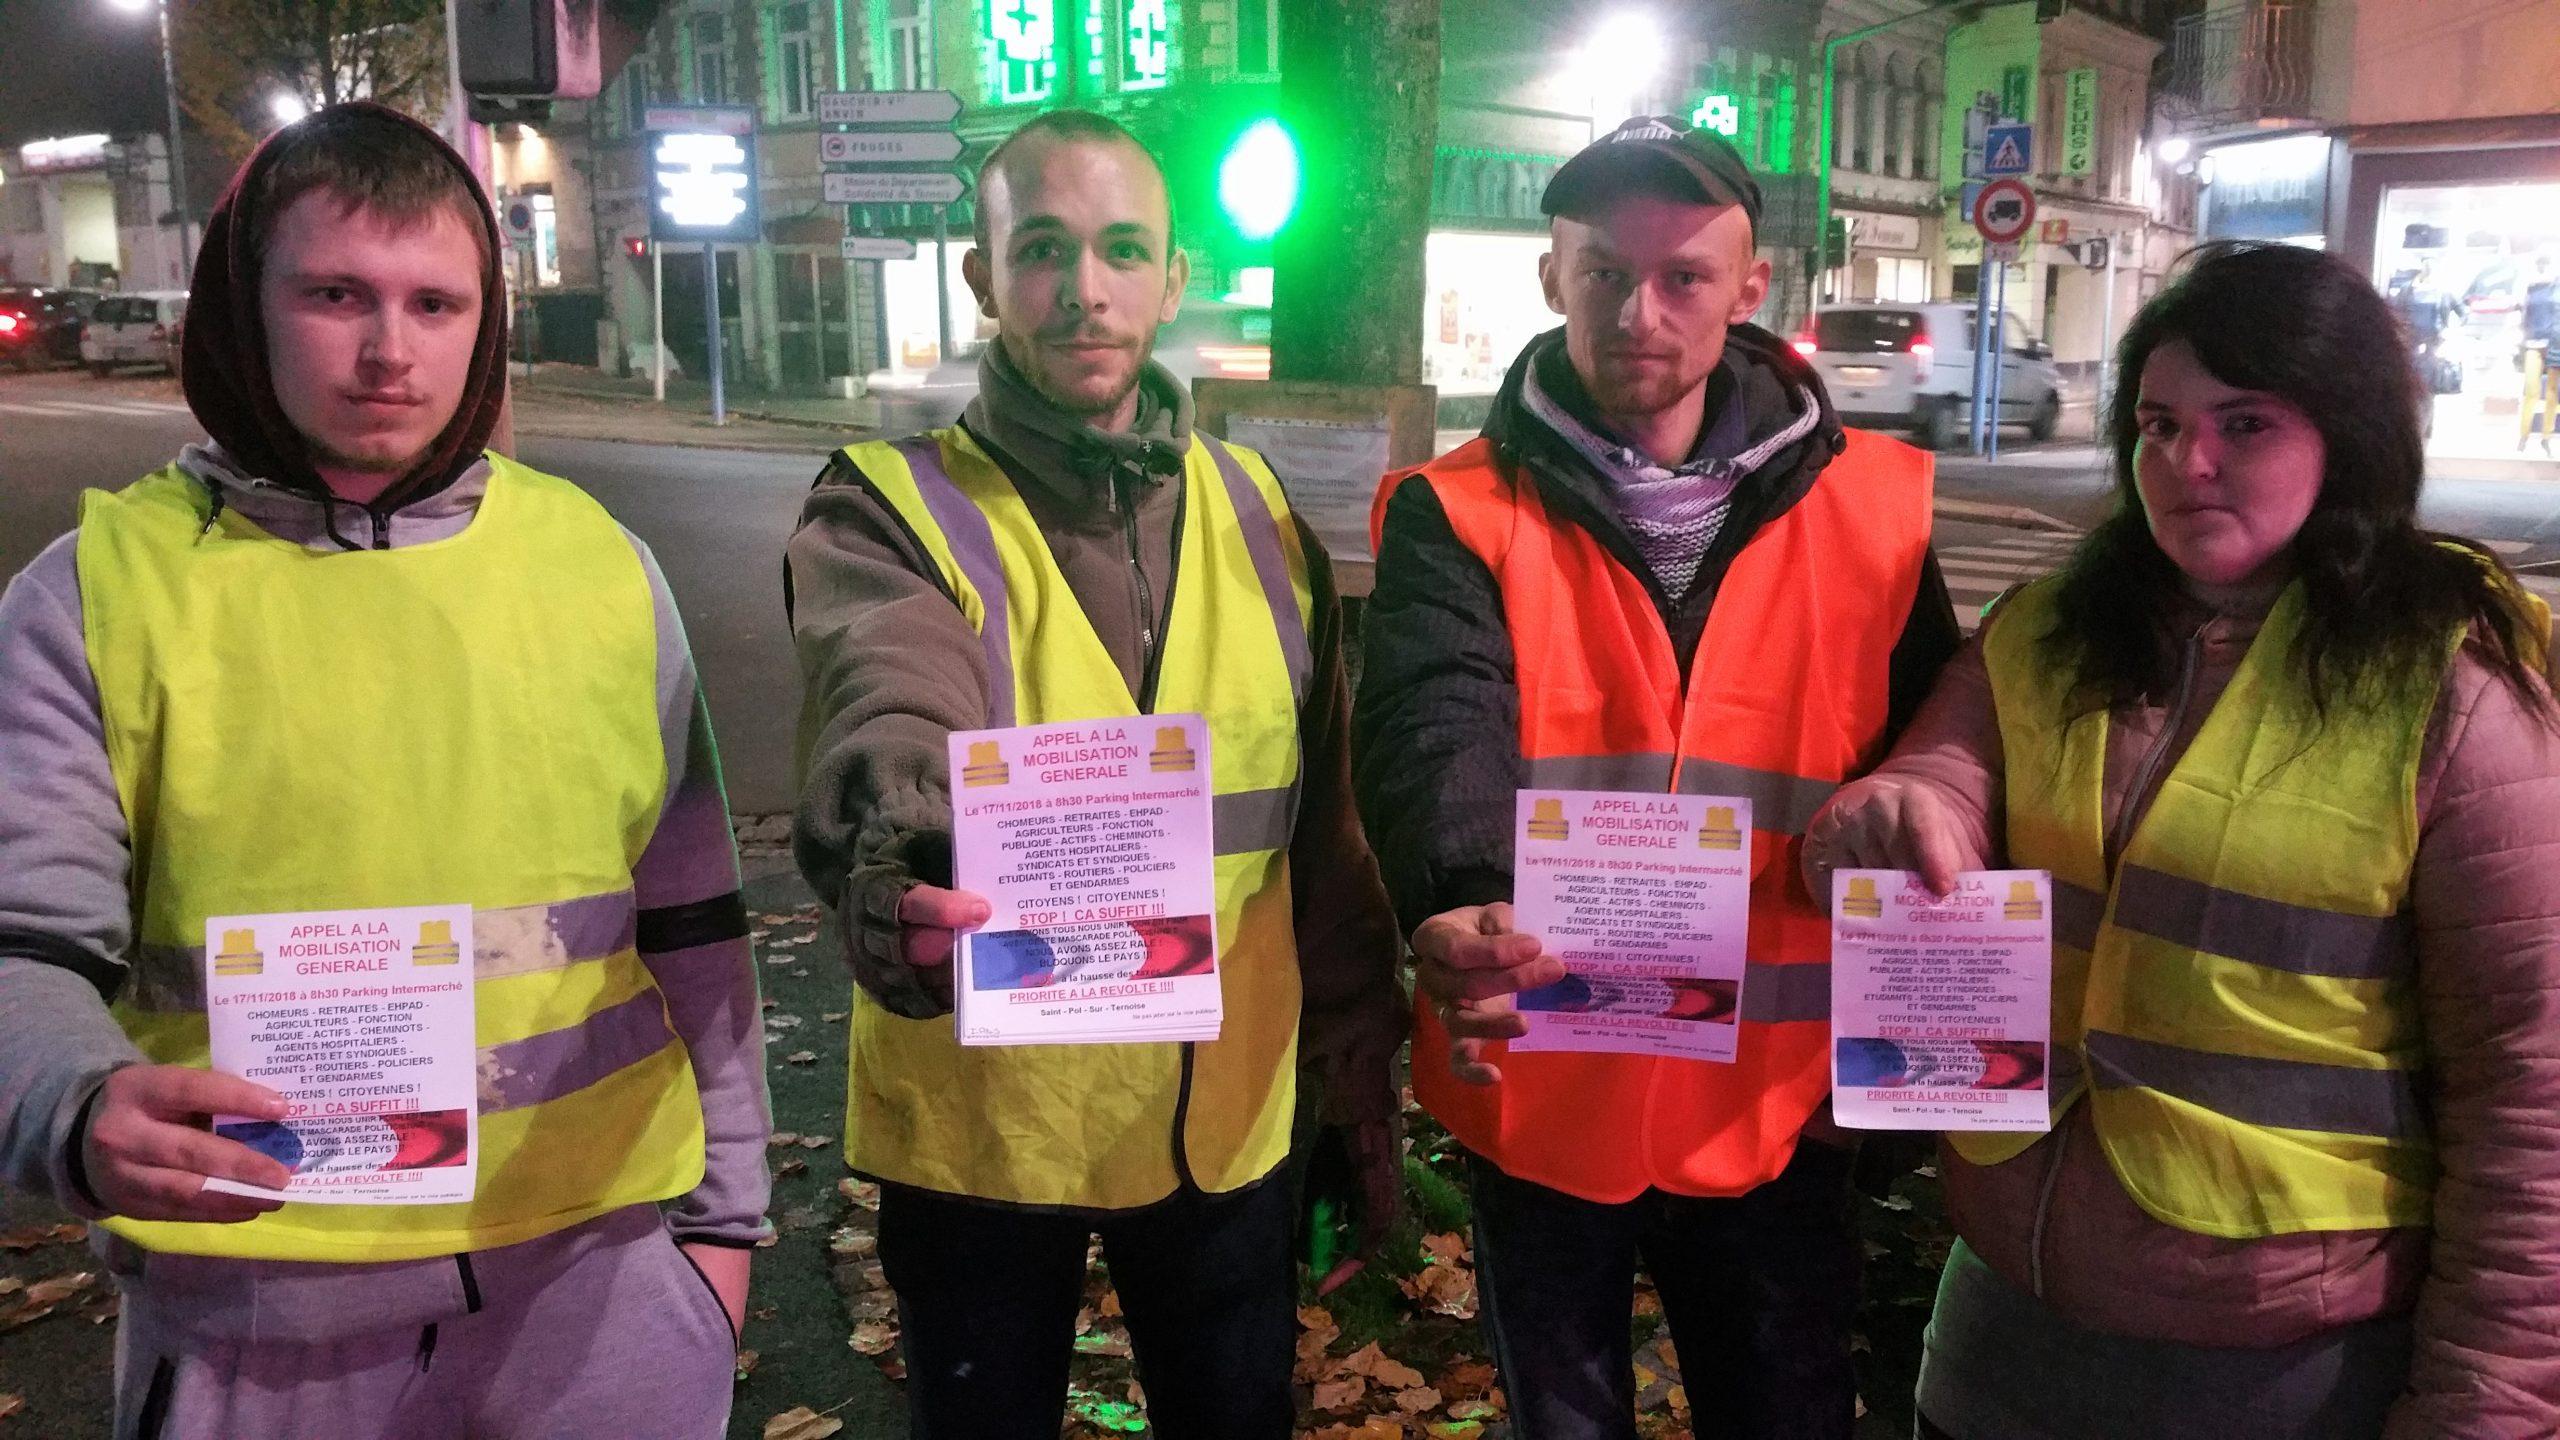 À St-Pol, pas de blocage total mais une action d'ampleur, organisée et déclarée